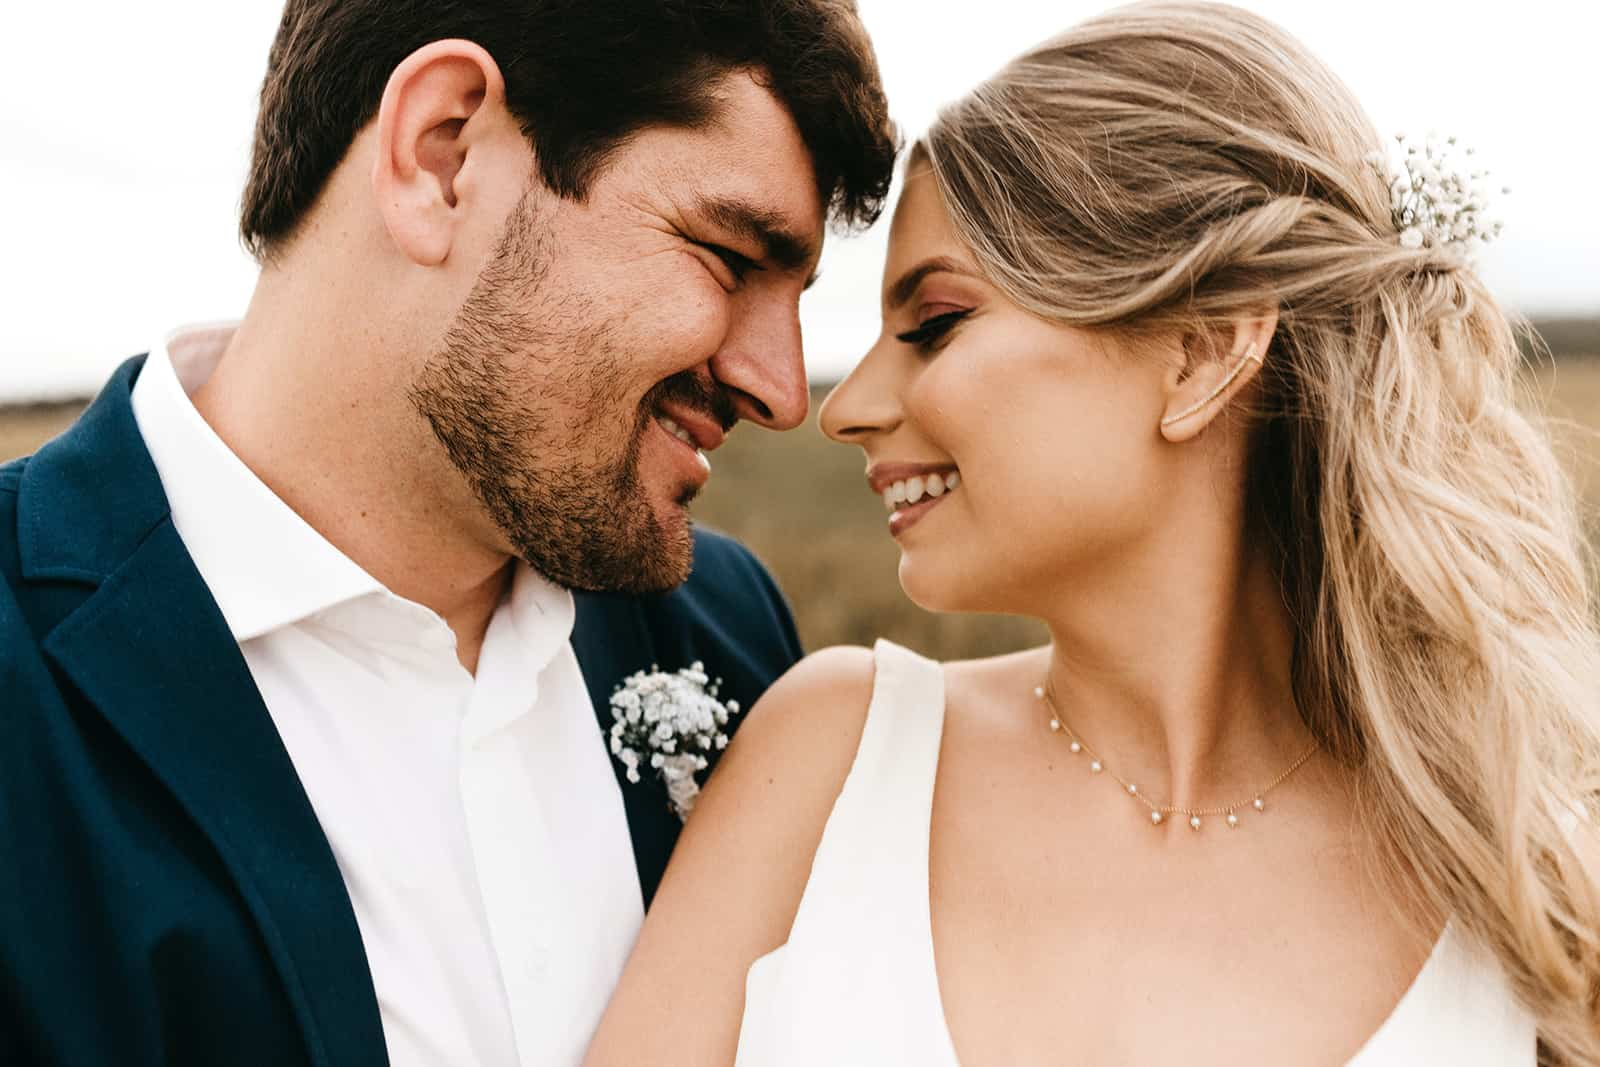 ein Hochzeitspaar, das sich gegenübersteht und lächelt